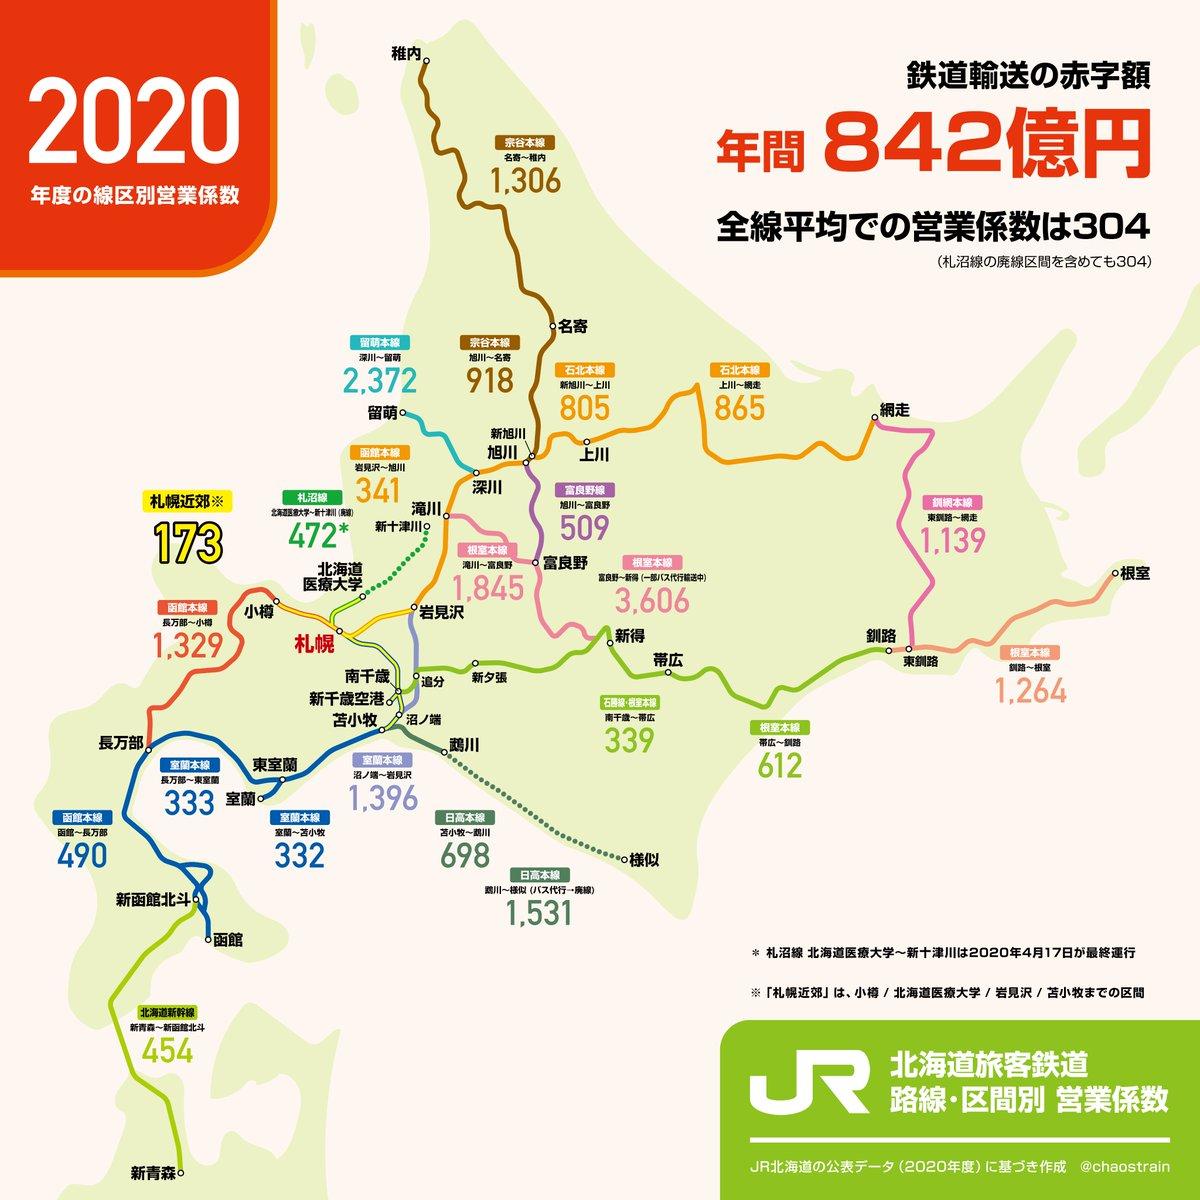 コロナ あか 東西分割 新幹線 草はよコロナに関連した画像-04